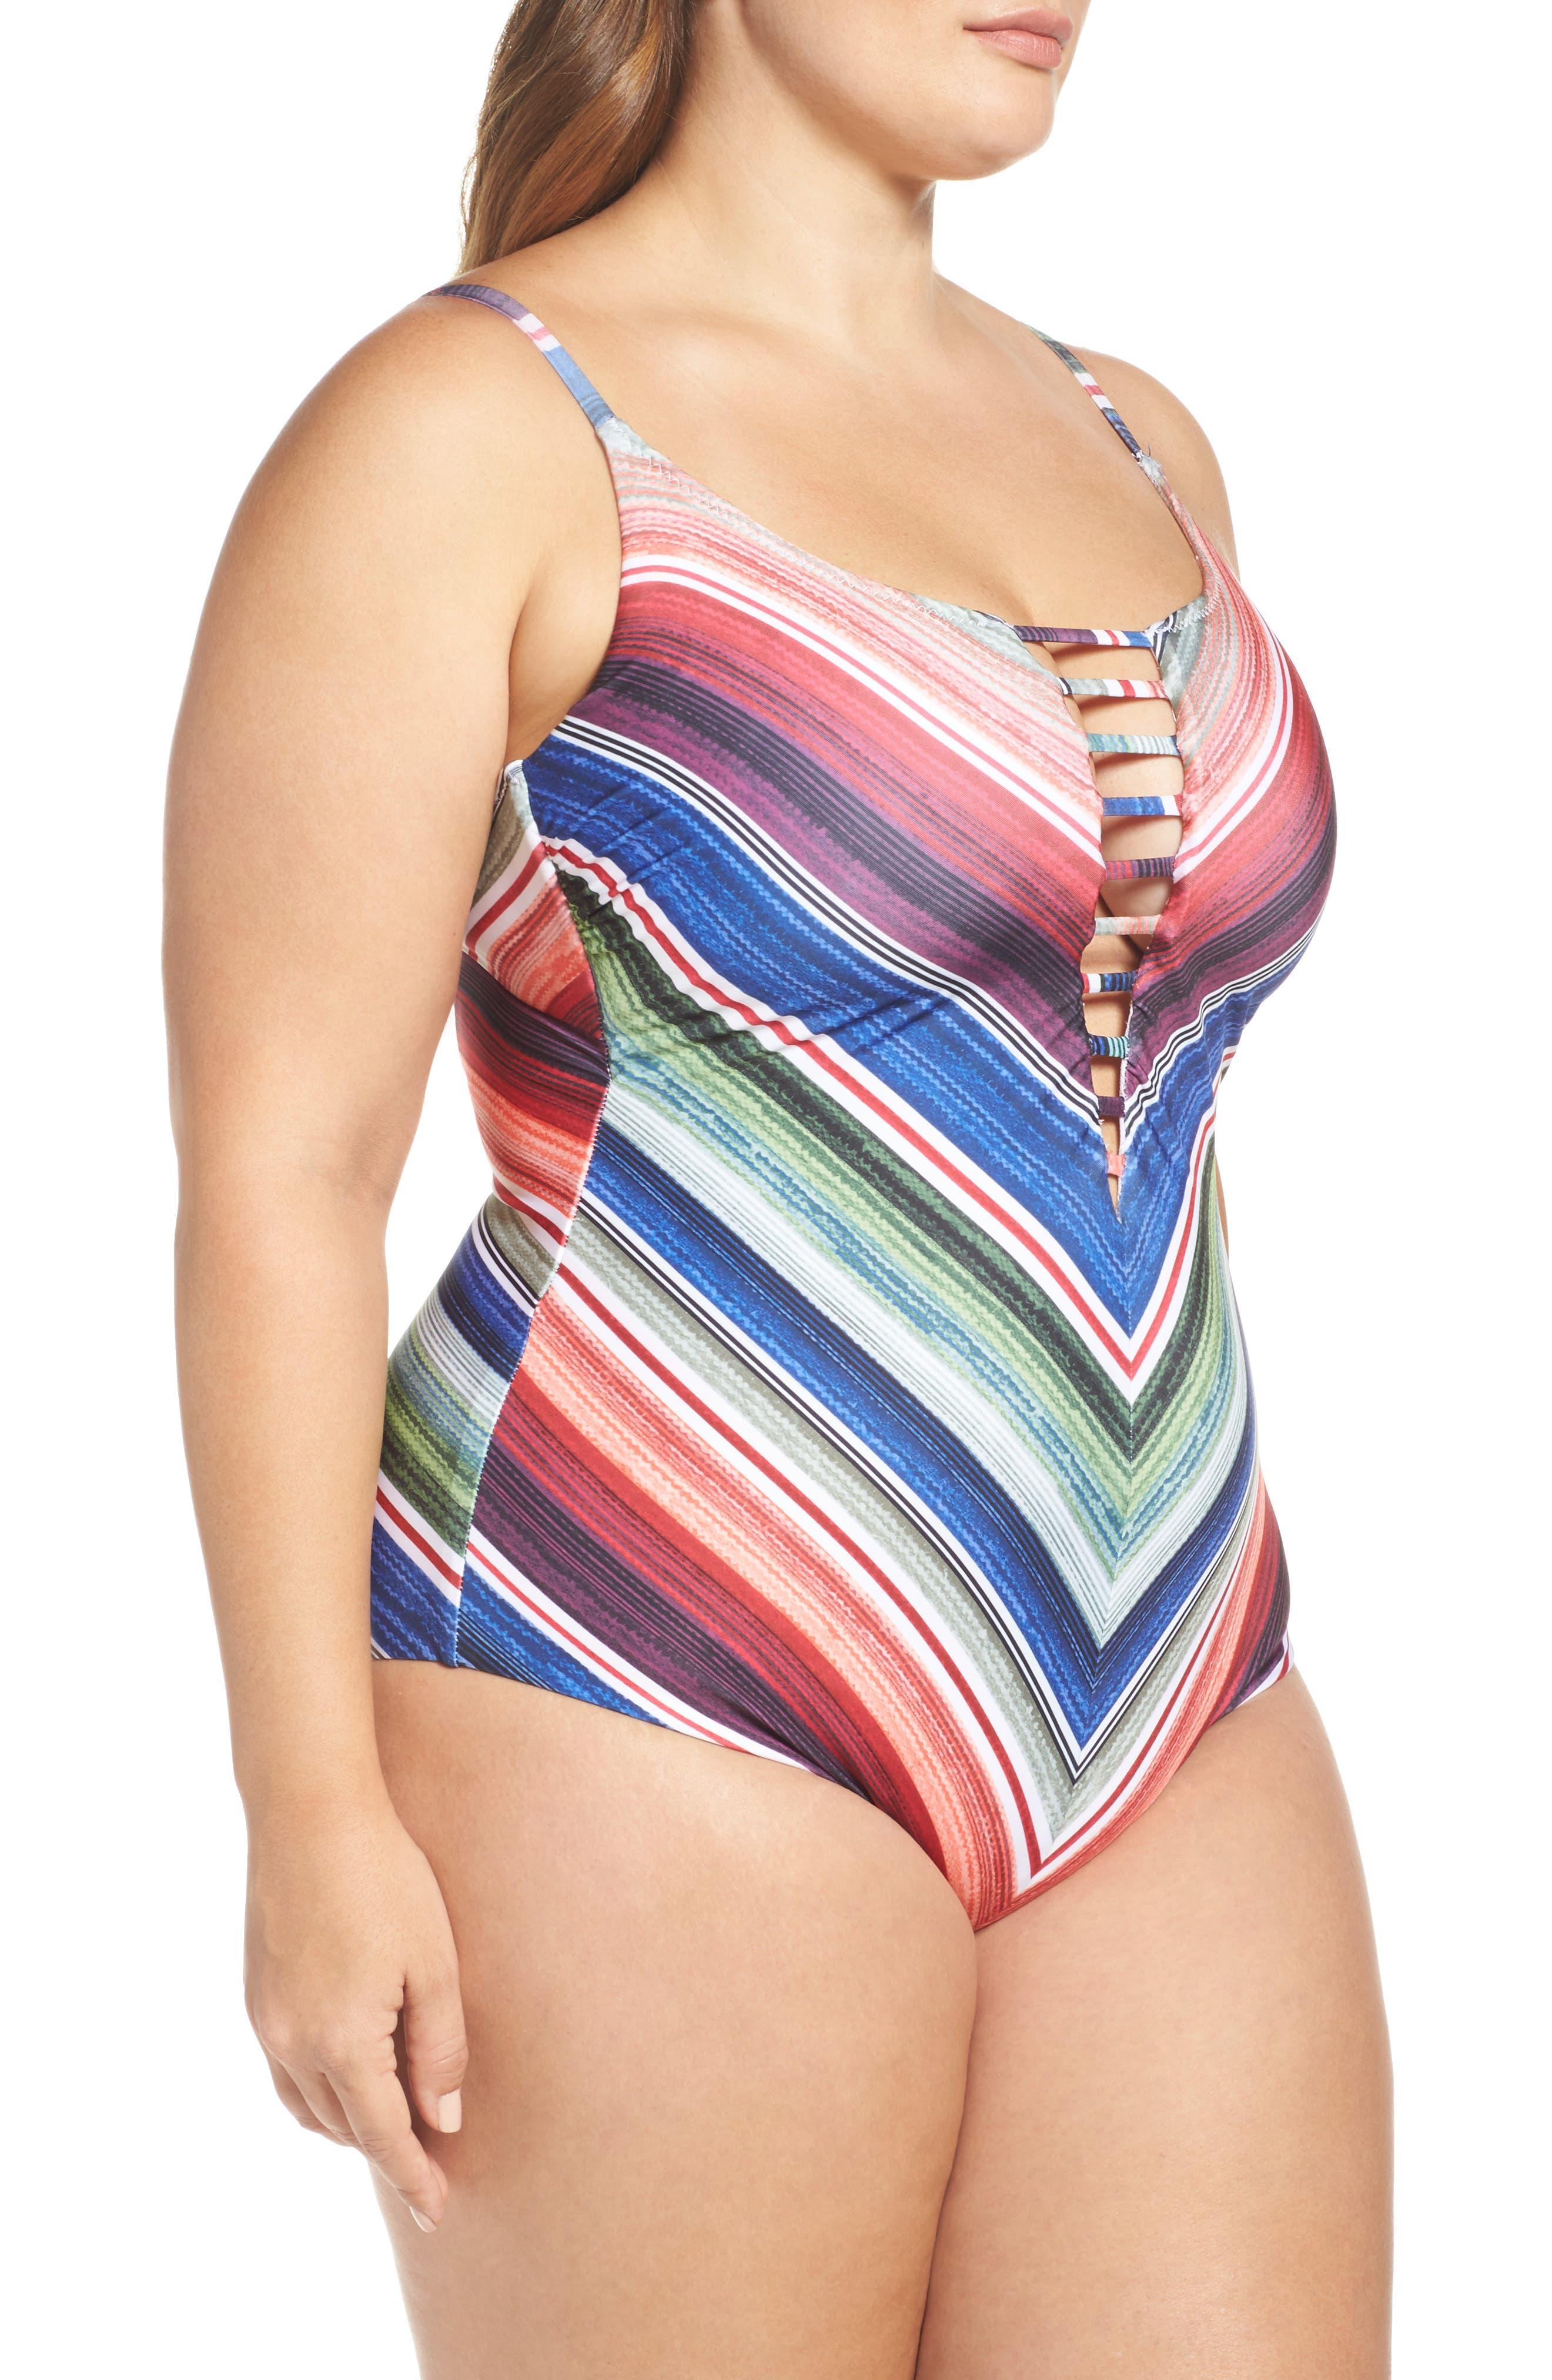 West Village One-Piece Swimsuit,                             Alternate thumbnail 3, color,                             Blue Multi